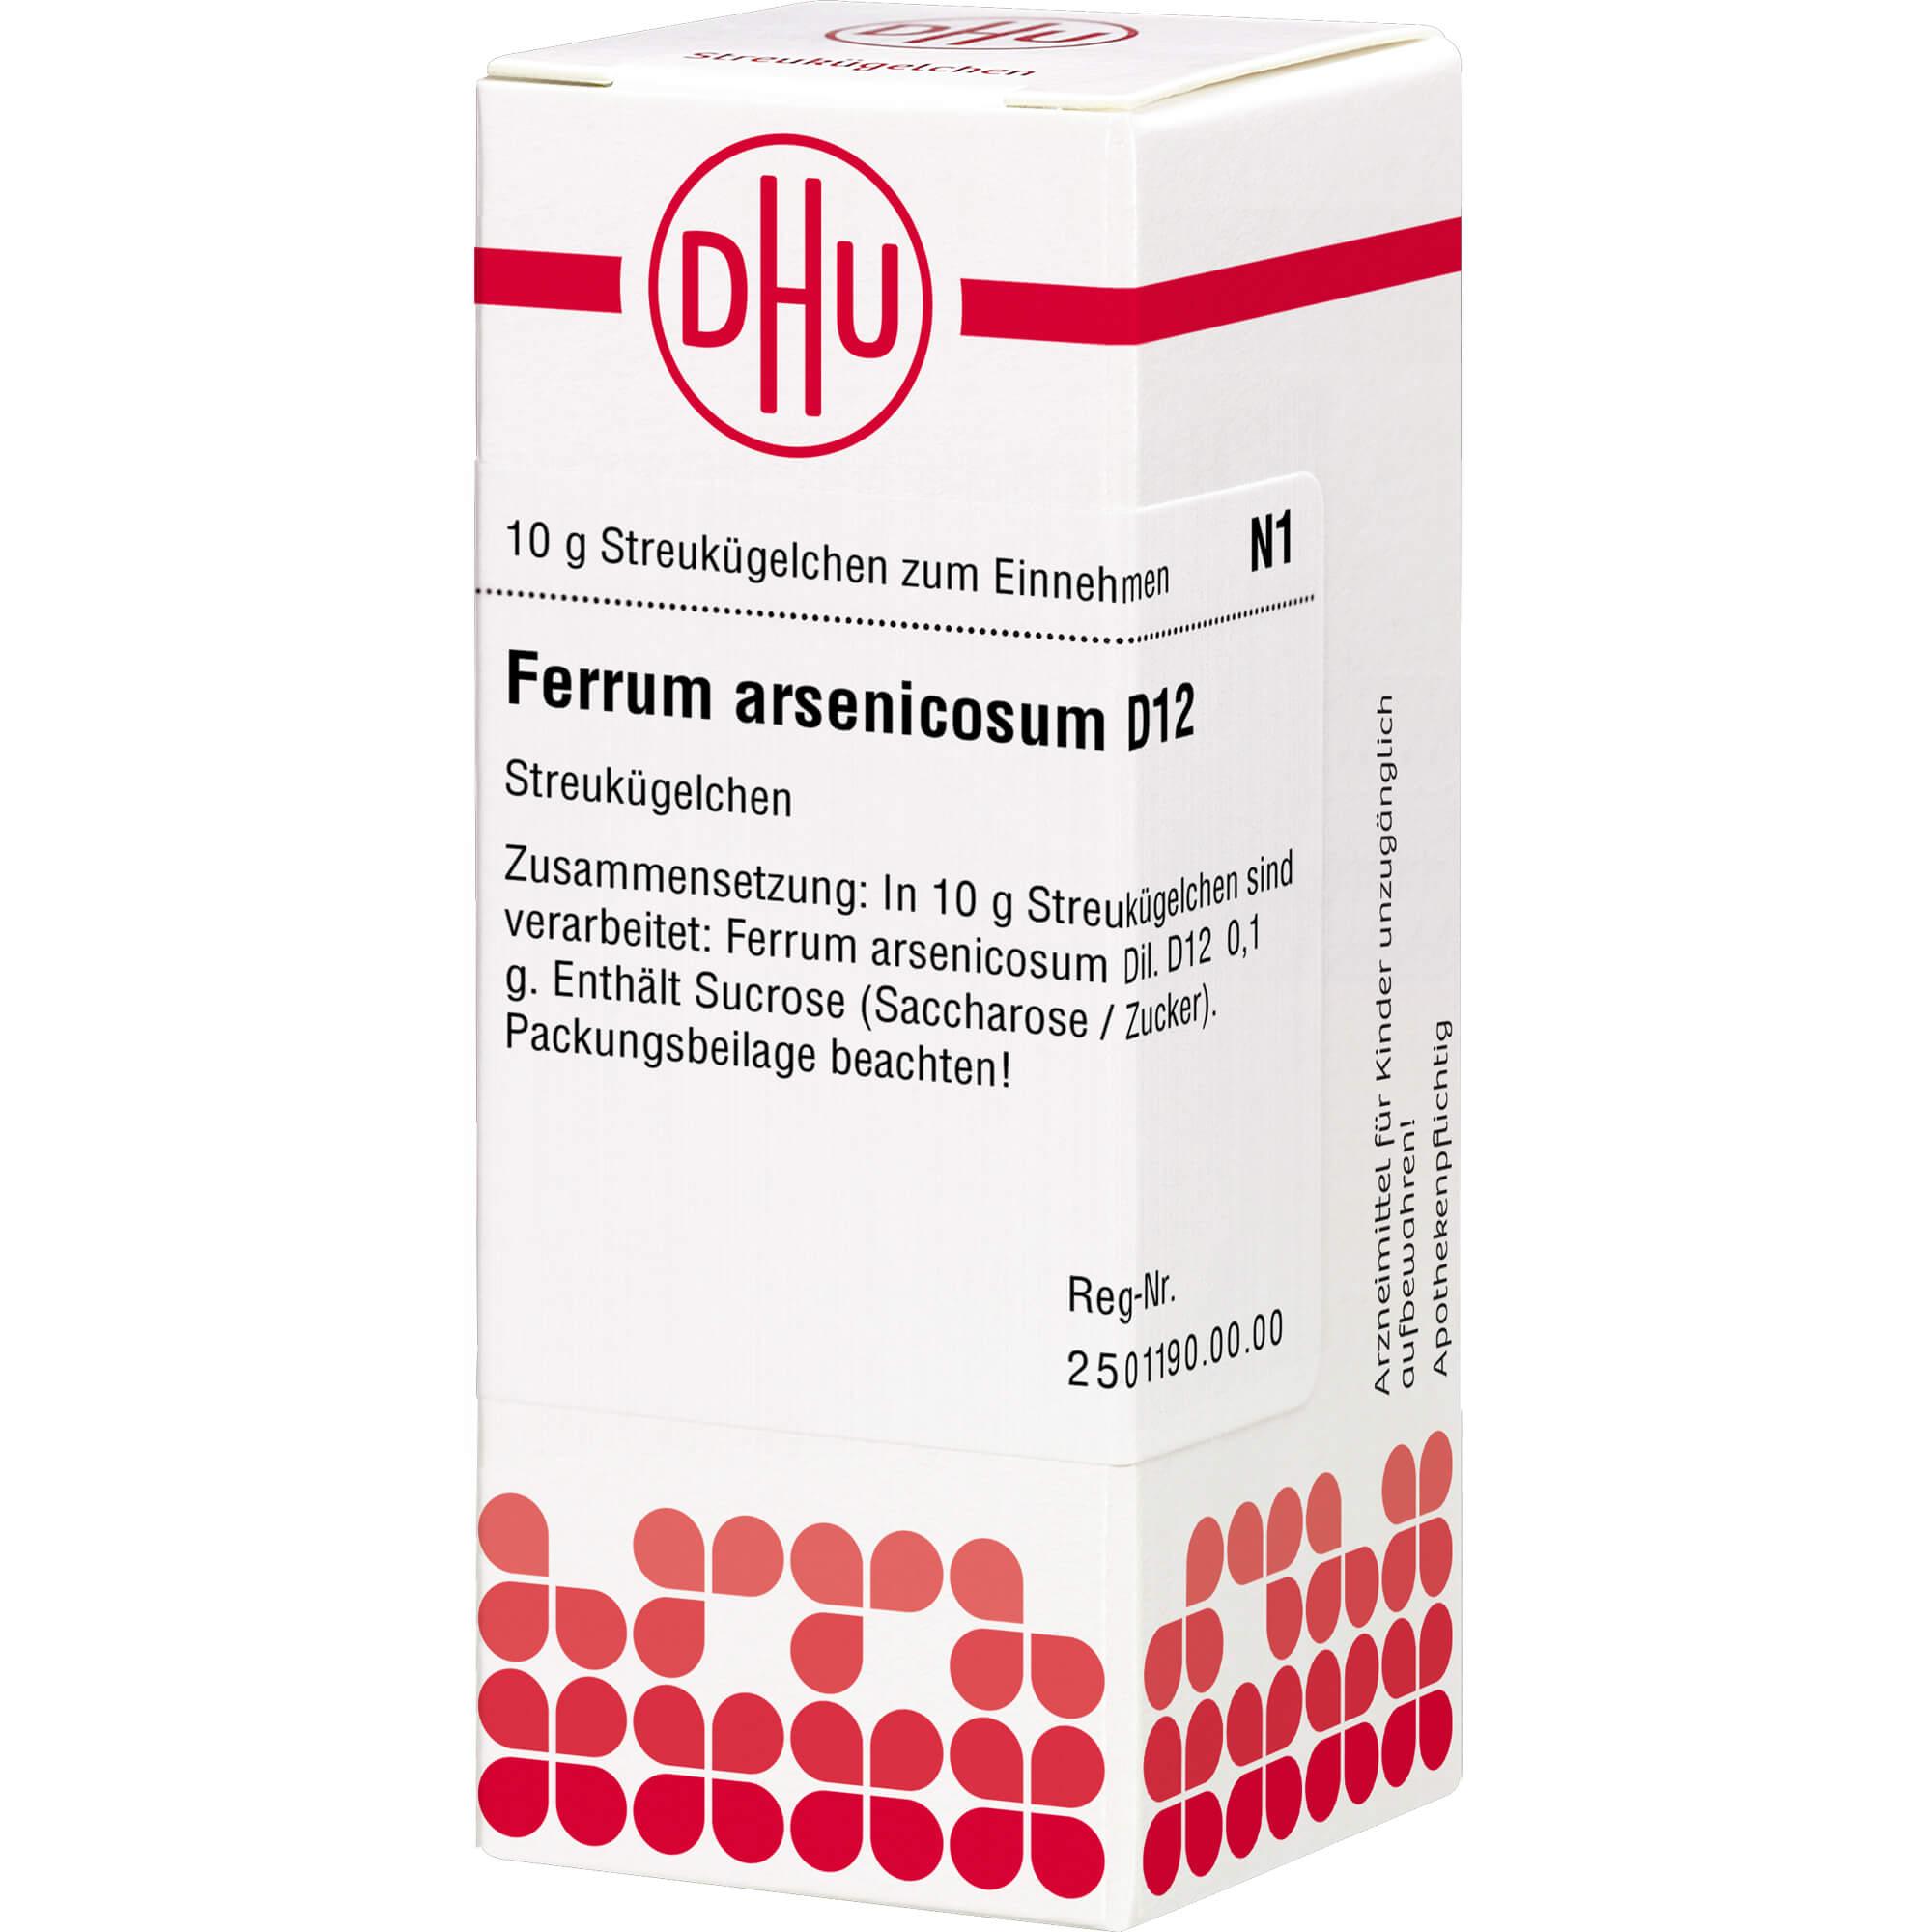 FERRUM ARSENICOSUM D 12 Globuli